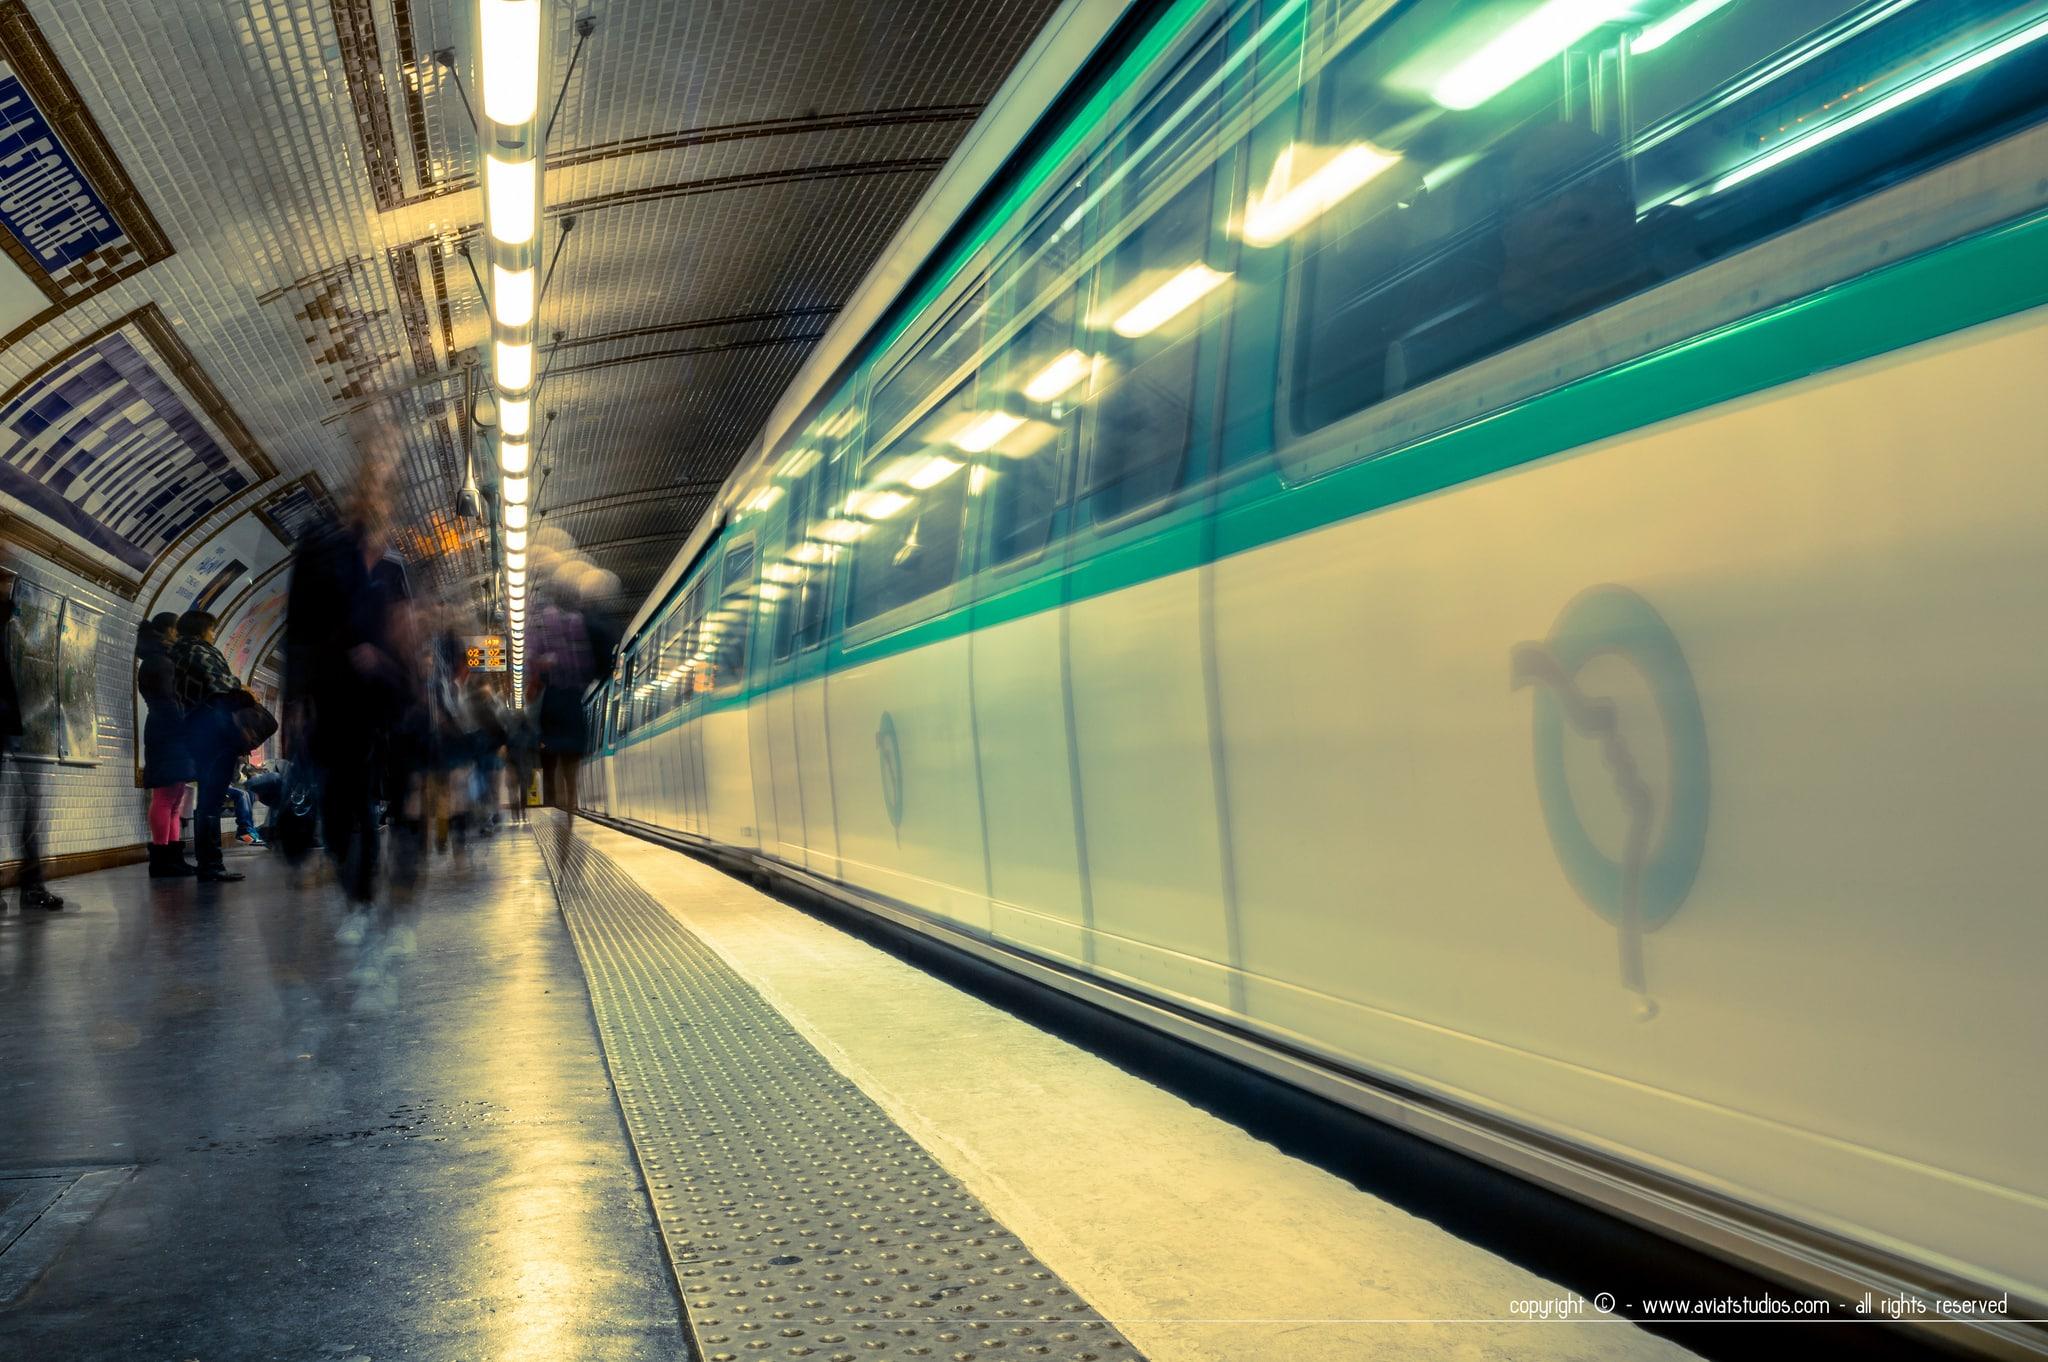 un week-end à Paris - métro parisien